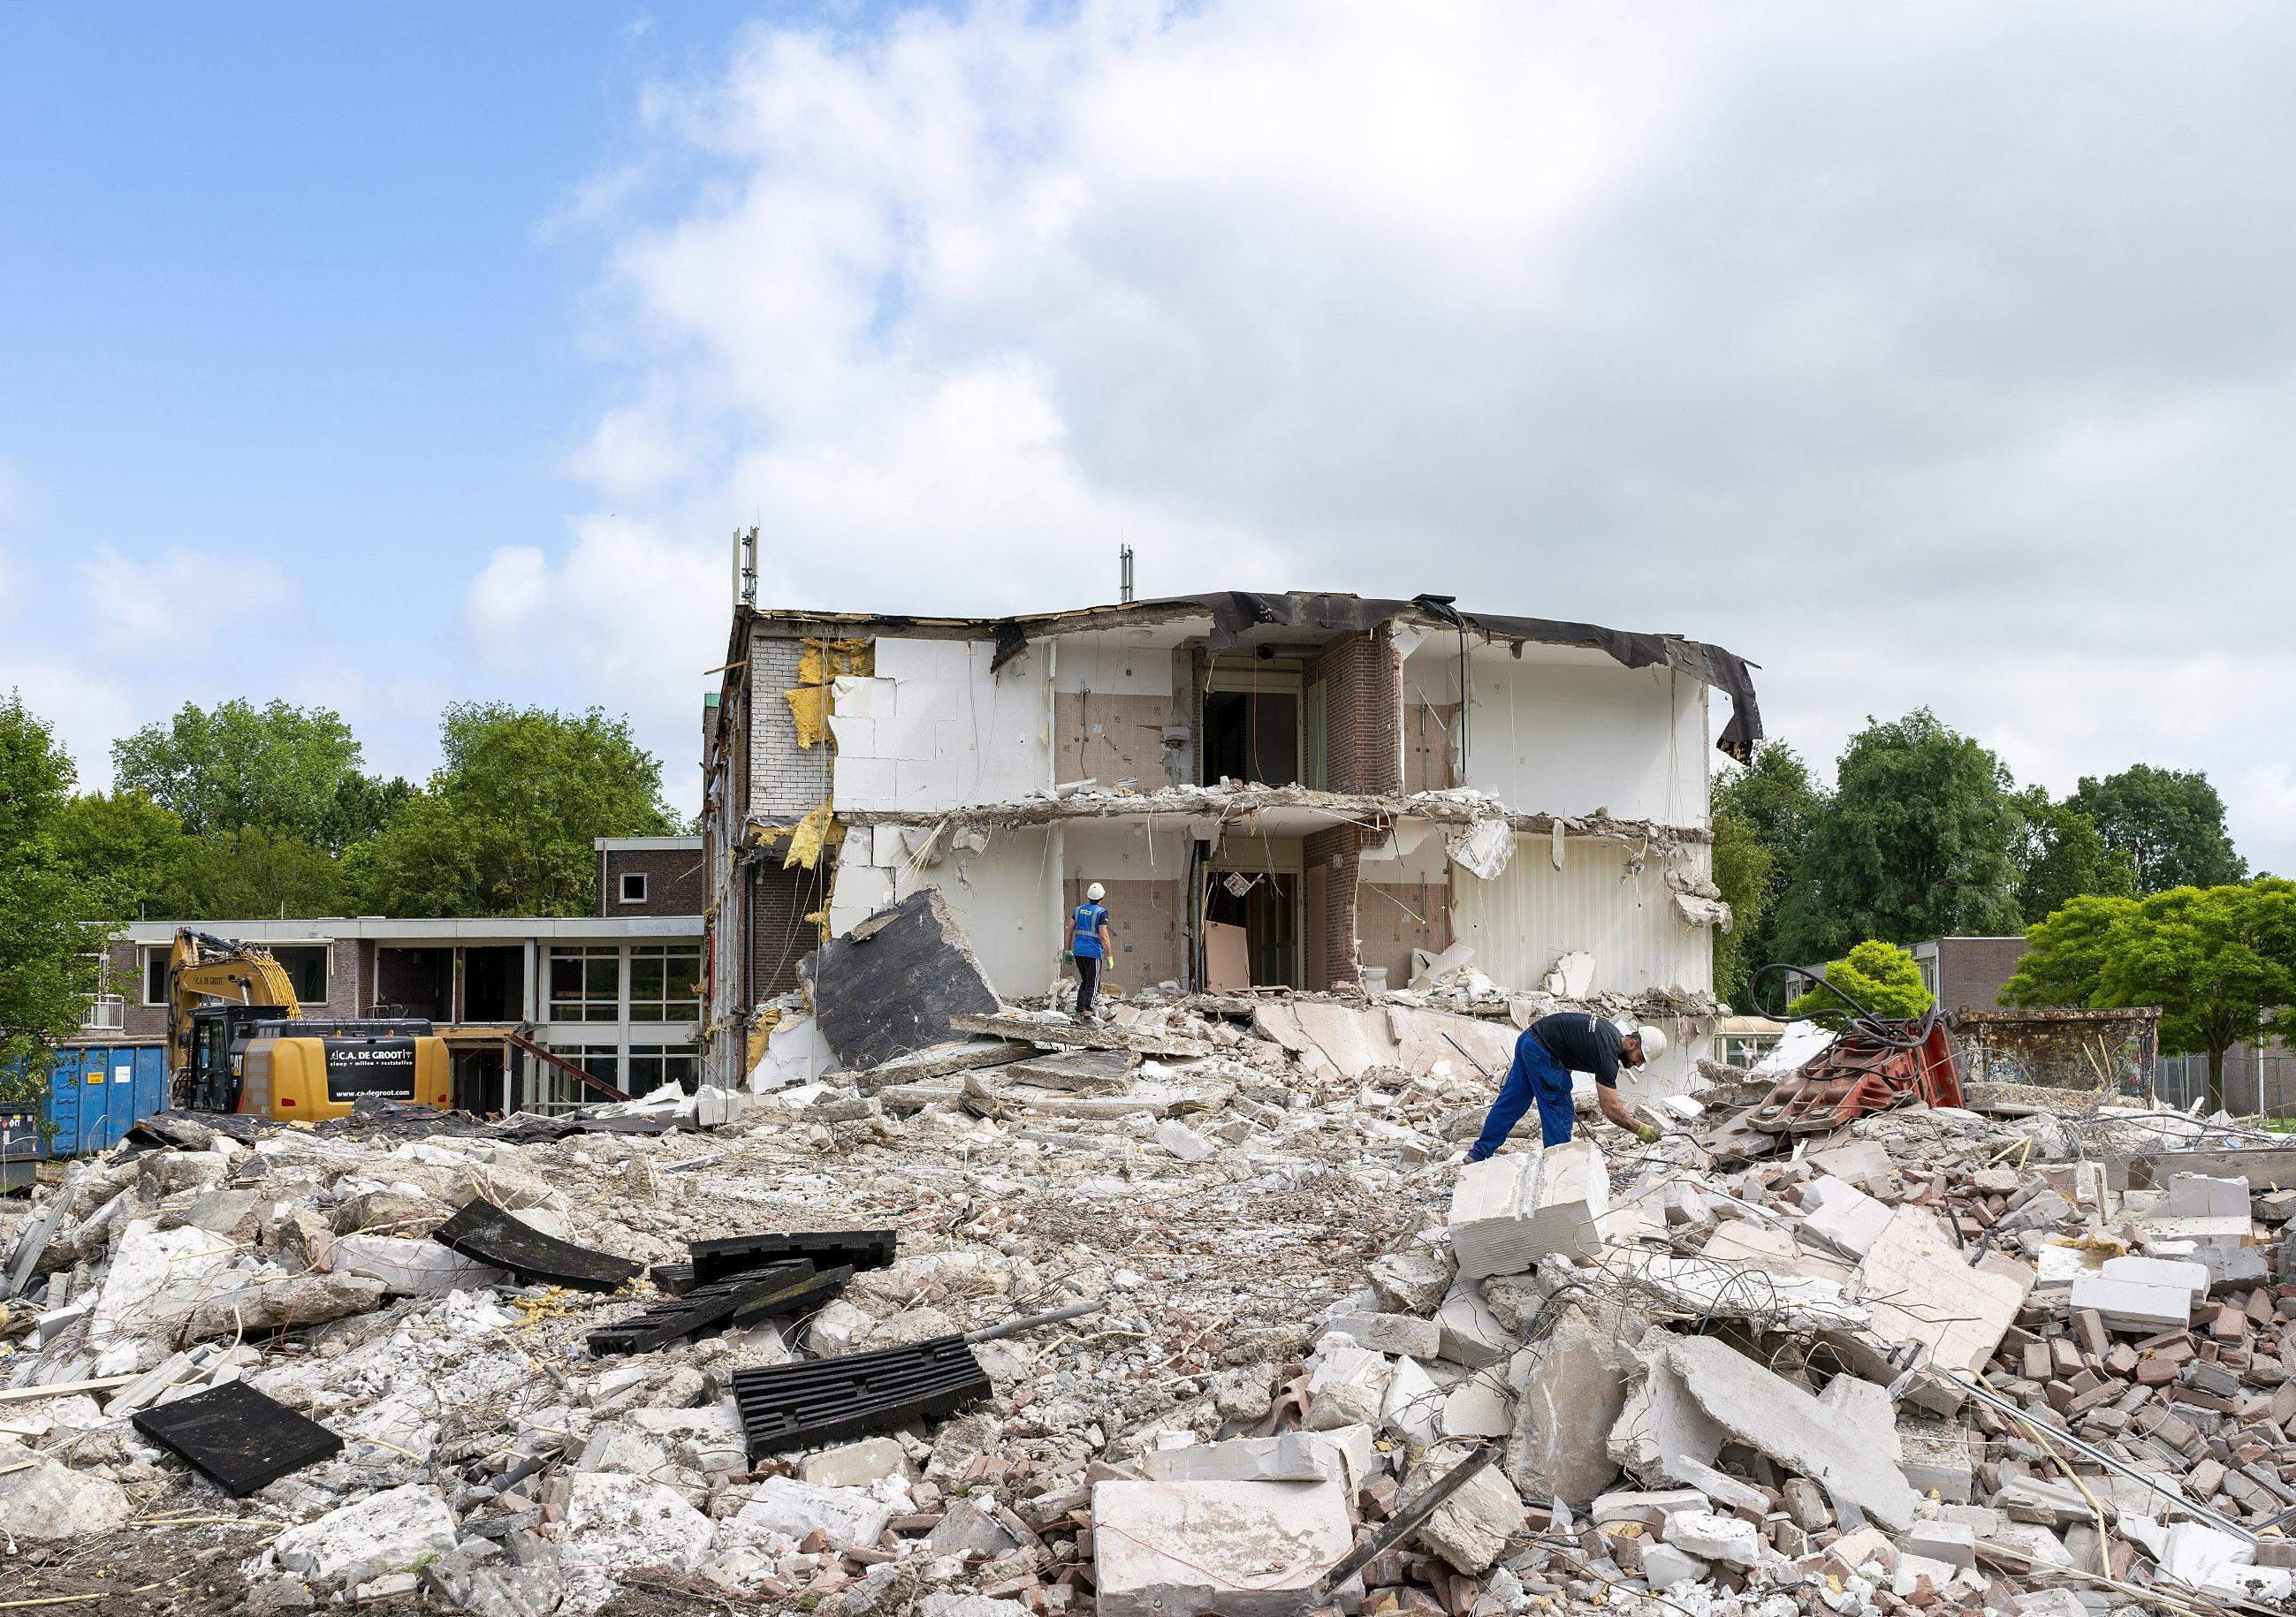 Van woon-zorgcentrum Hugo Oord resteert weinig meer dan gruis en puin. Op die plek in Heerhugowaard zullen appartementen verrijzen